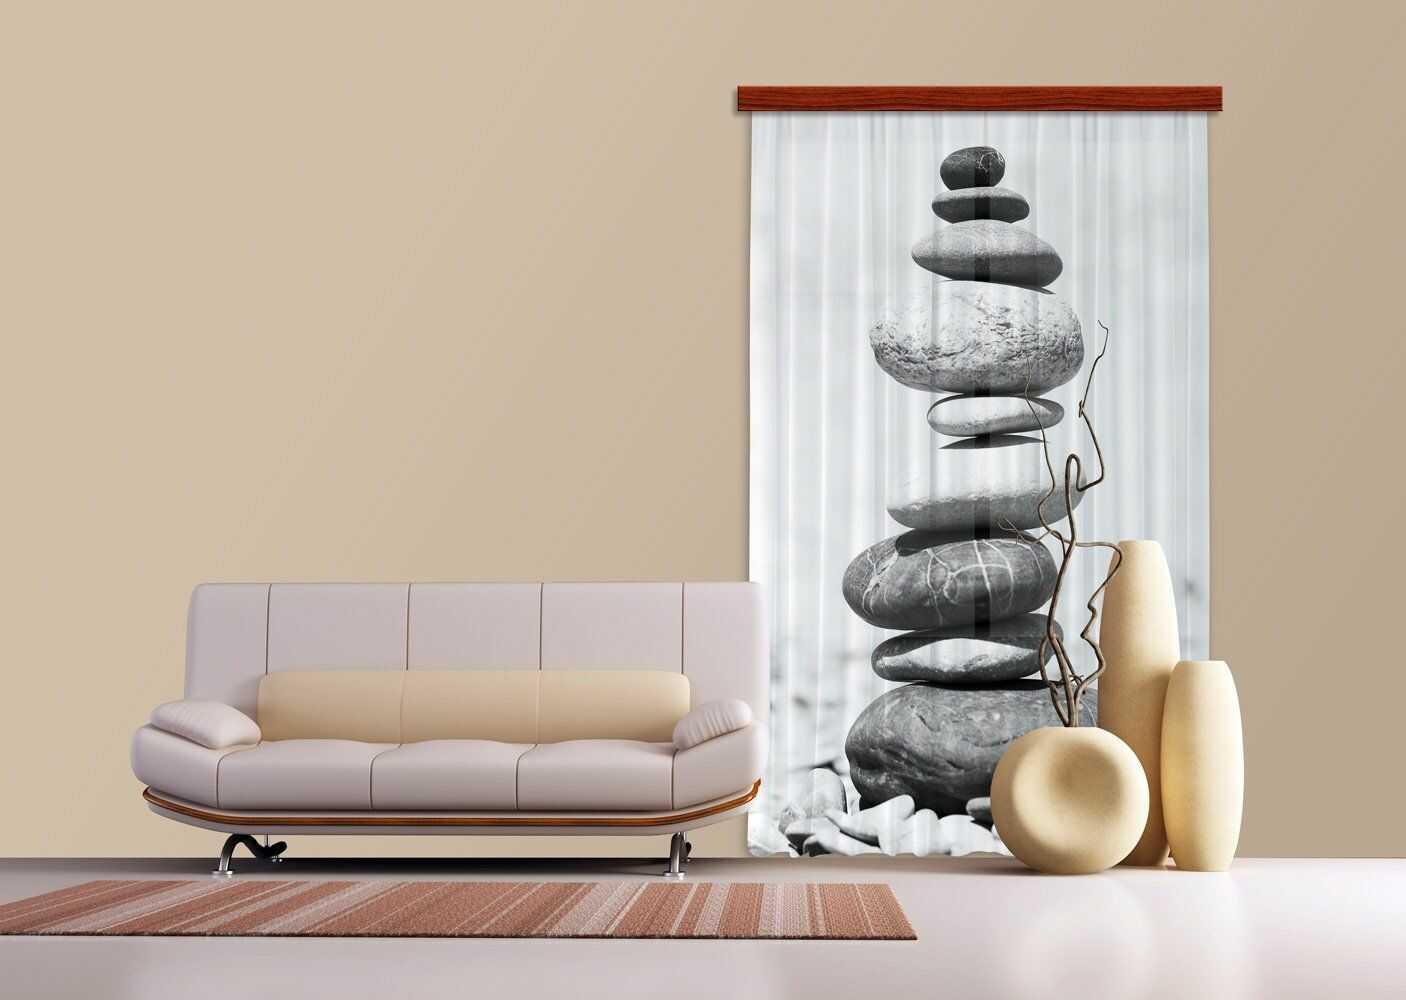 AG Design kamienie, zasłona, 140 x 245 cm, 1 część, FCPL 6504, poliester, wielokolorowa, 0,1 x 140 x 245 cm